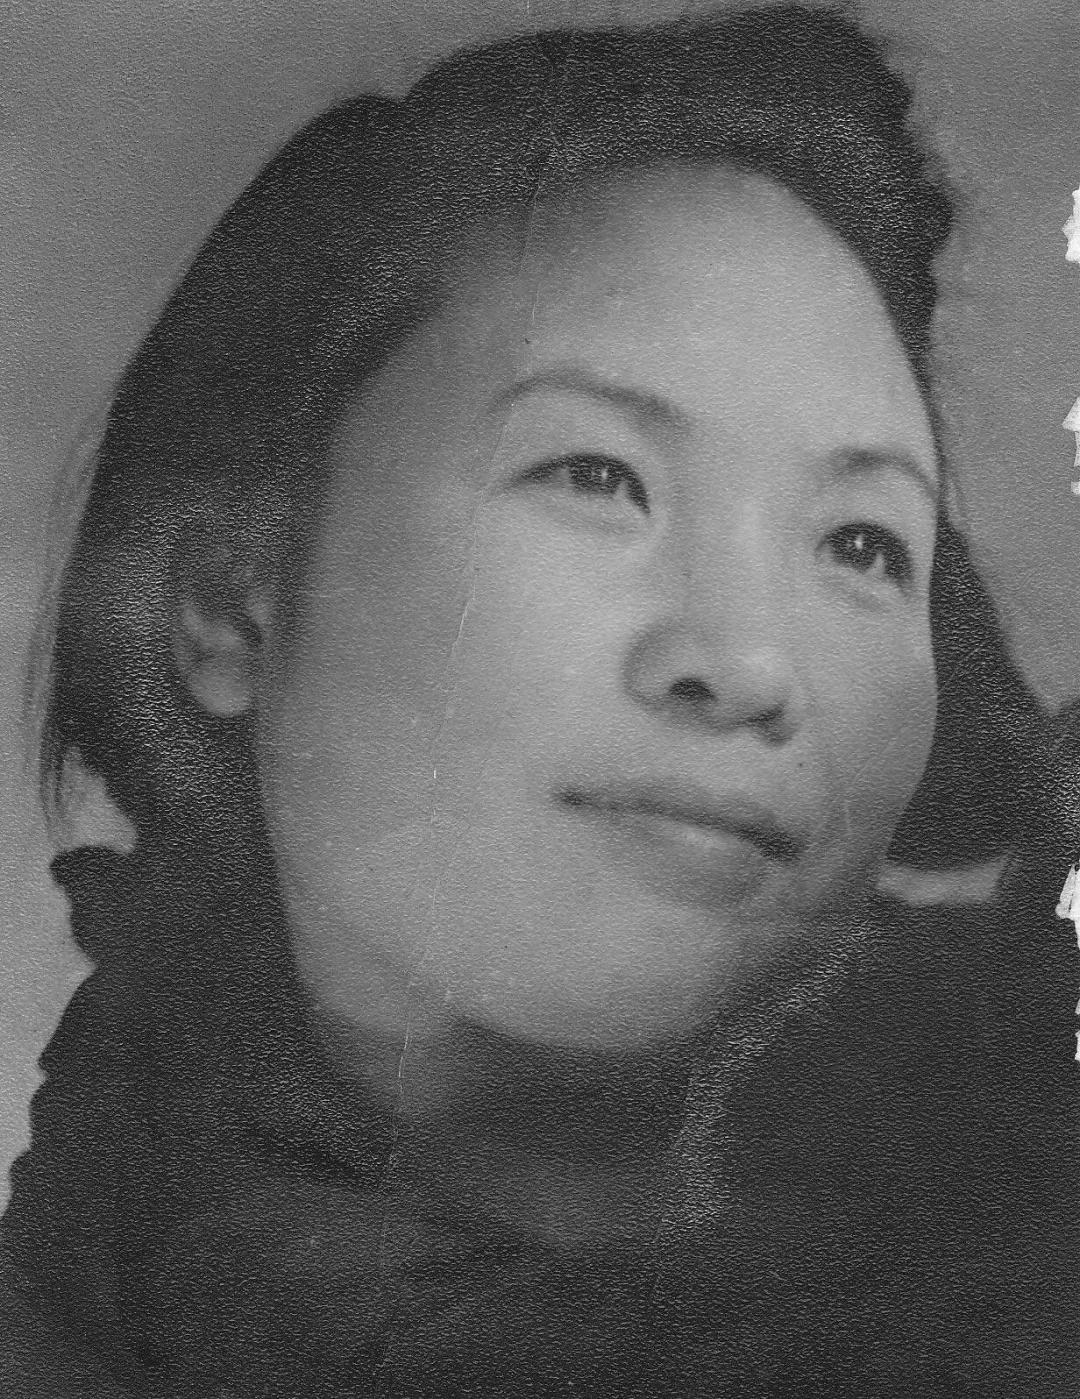 郎郎自传 |在哈尔滨,母亲陈布文给我们讲《简爱》是我最深的记忆